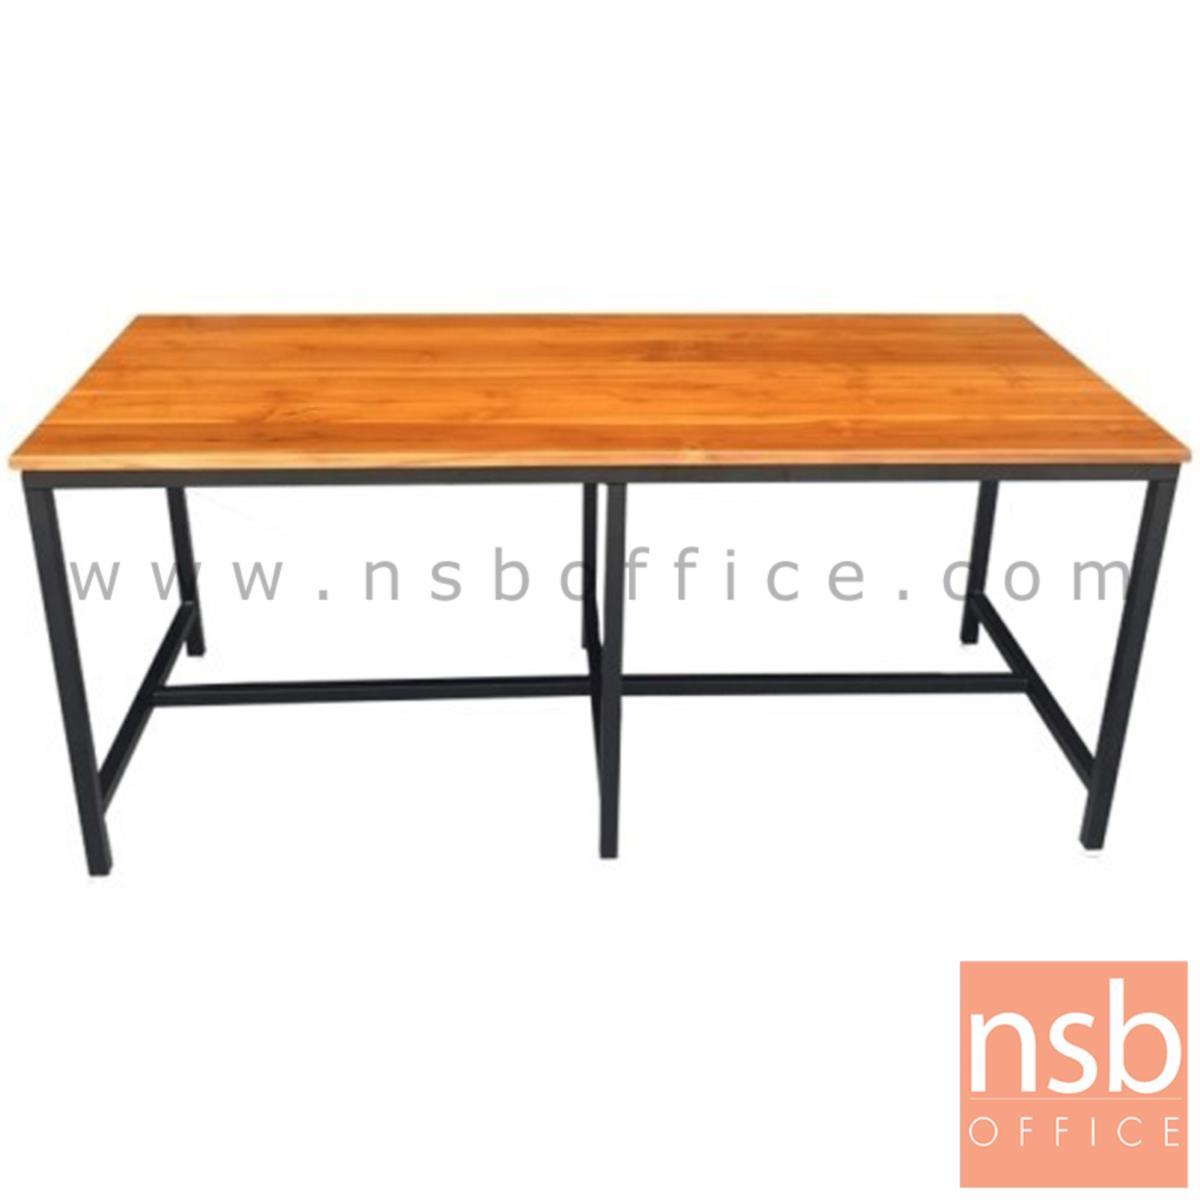 A17A073:โต๊ะโรงอาหารหน้าไม้สักแผ่นเดียว รุ่น NEW MEXICO (นิวแม็กซิโก) ขนาด 180W cm. ขาเหล็กเหลี่ยม